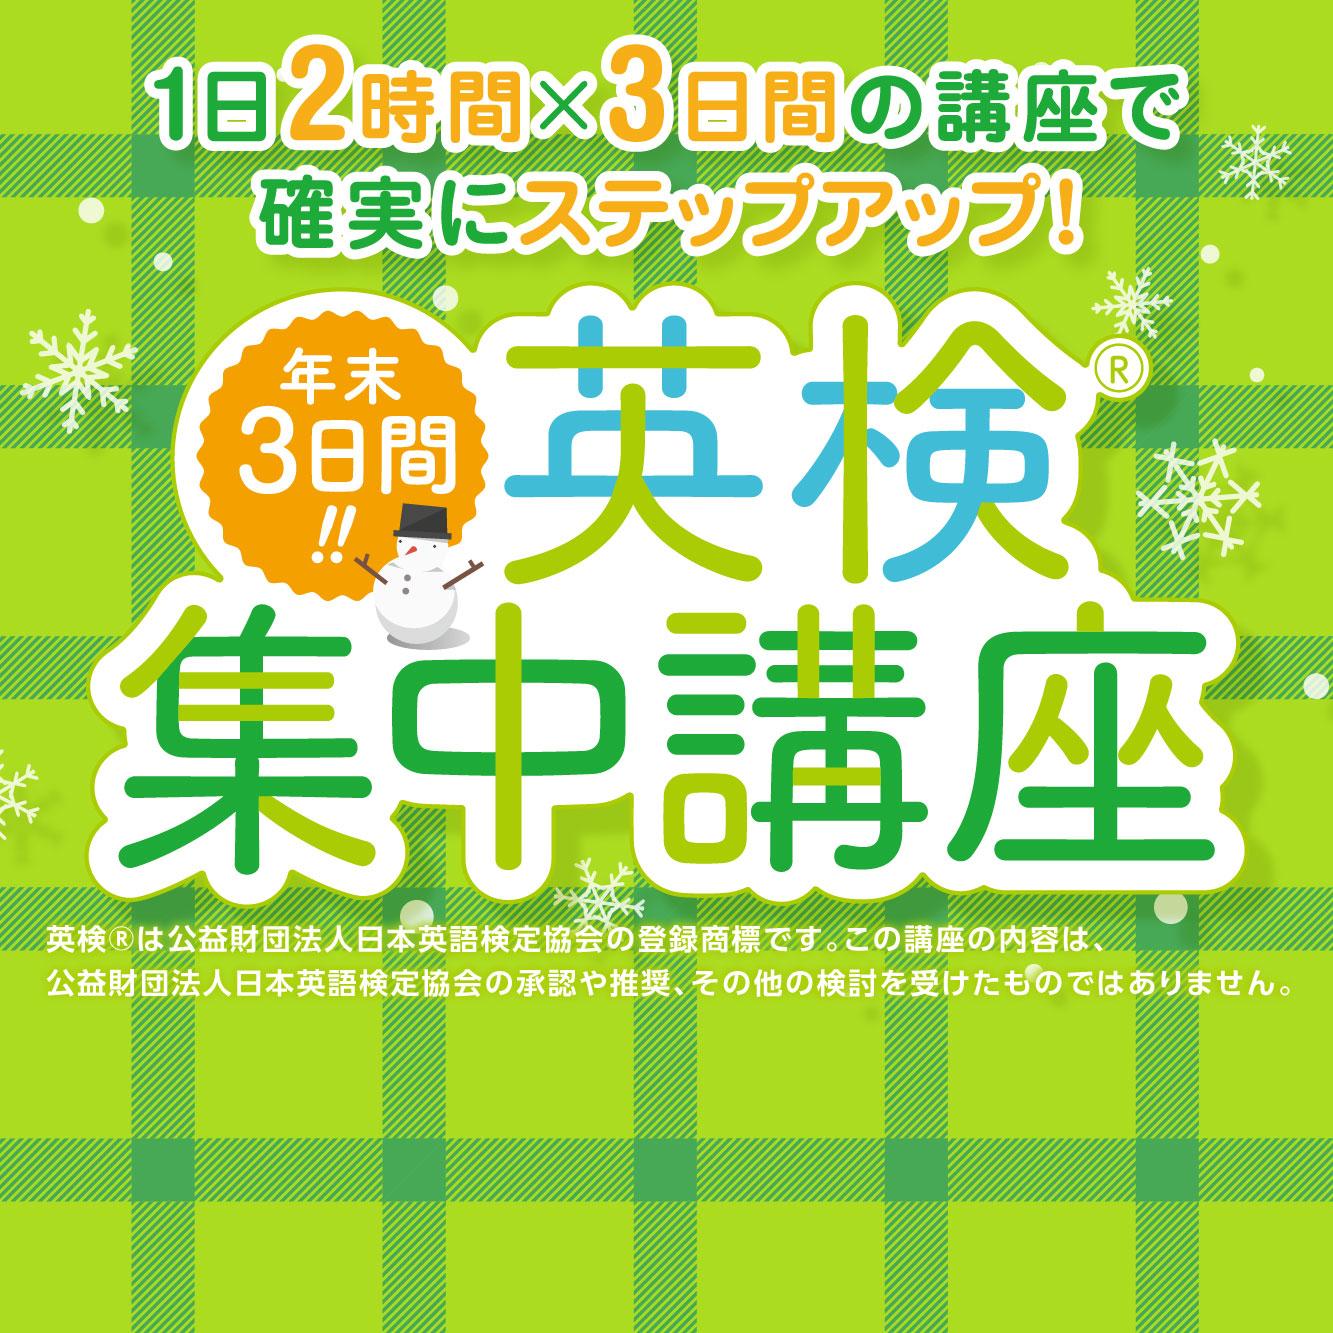 英検集中講座(小・中学生 対象)